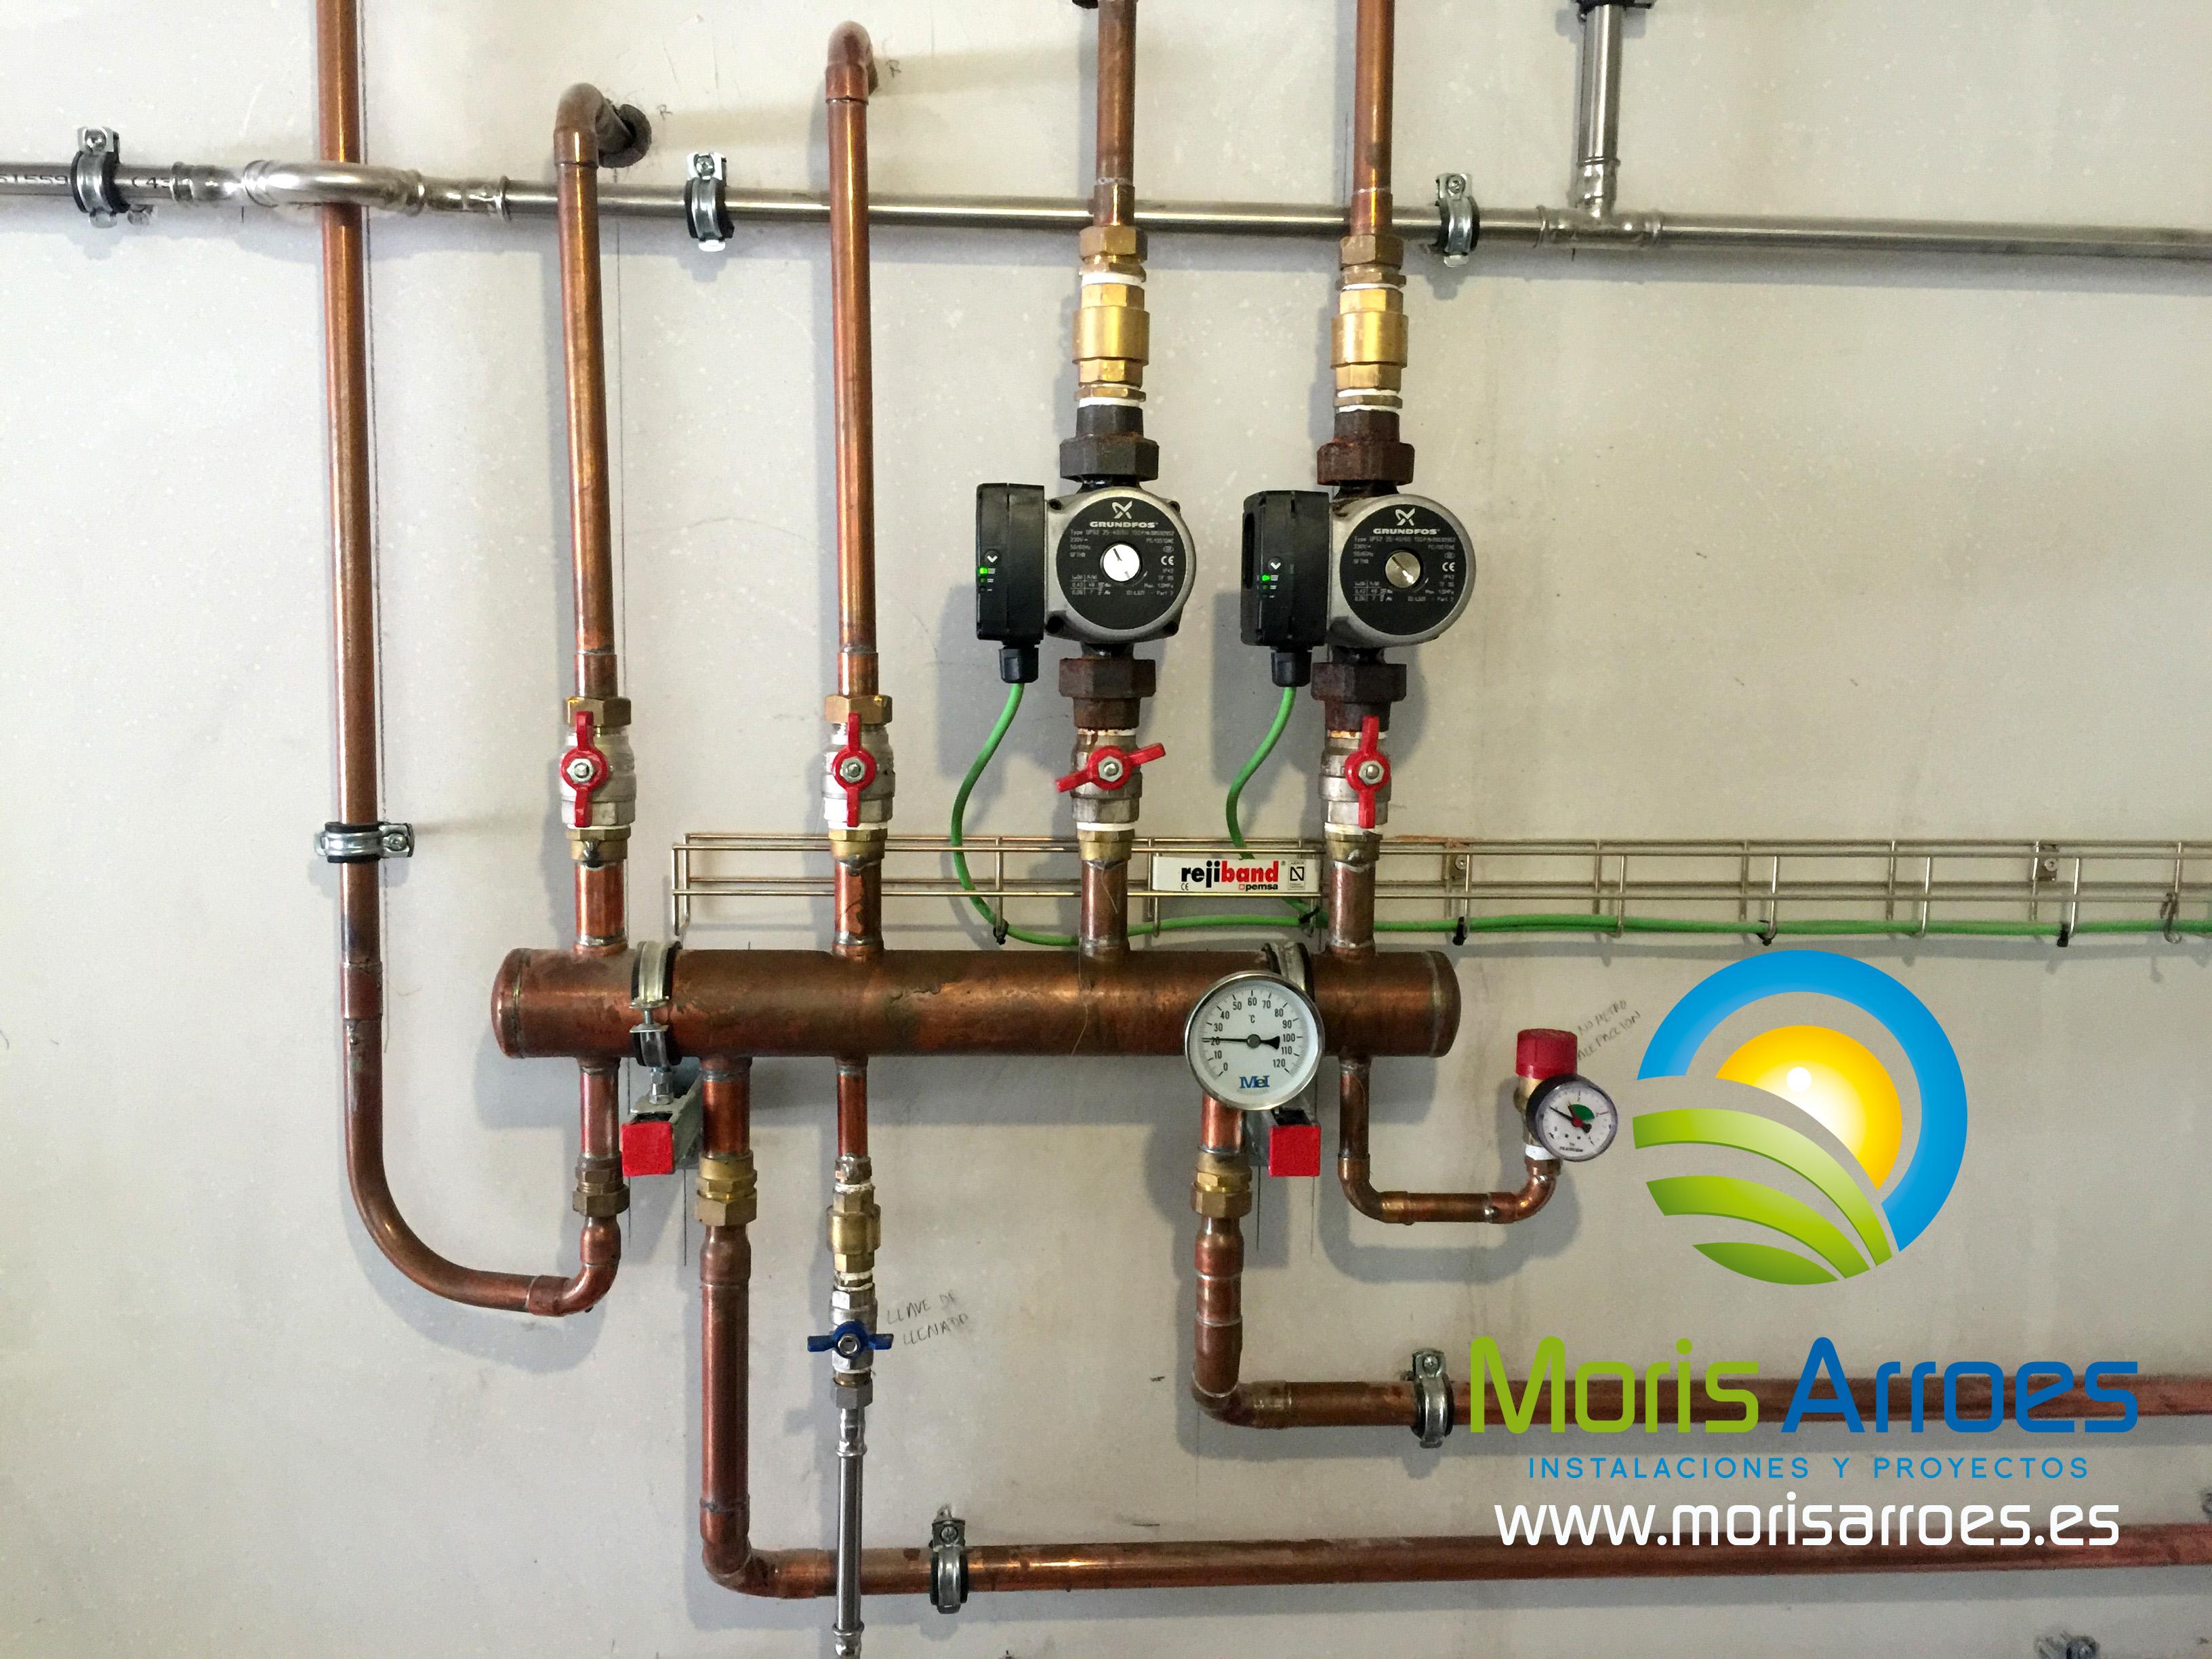 Colector aerotermia calefacci n asturias mor s arroes for Calefaccion por aerotermia